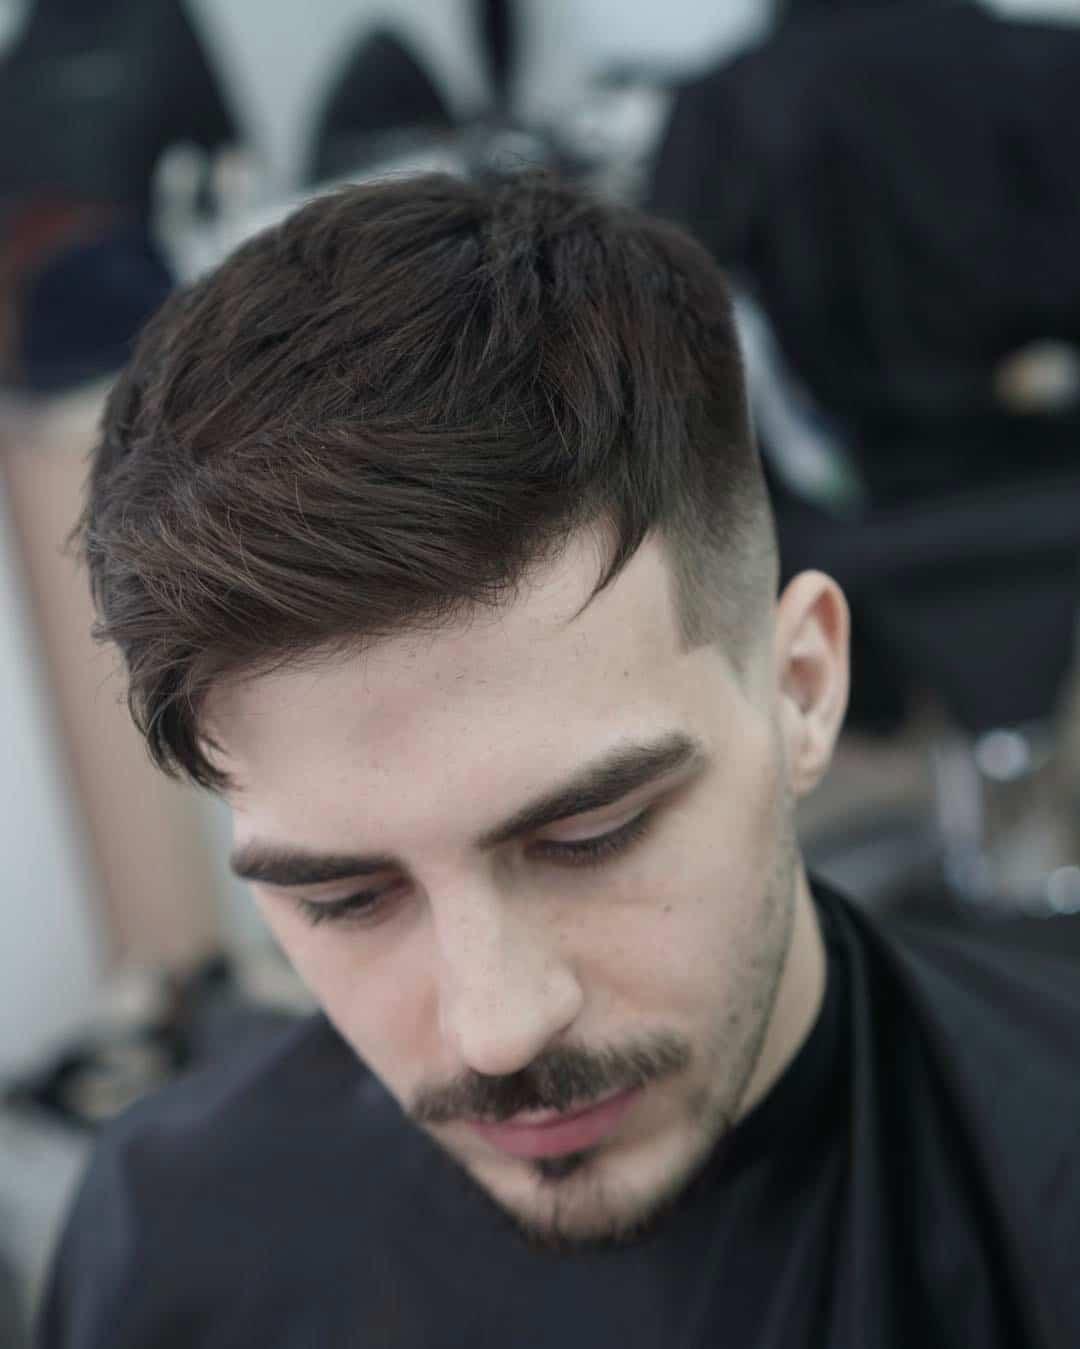 100 coupes de cheveux les plus populaires pour les hommes pour 2020 5f3f760c51c76 - 100+ coupes de cheveux les plus populaires pour les hommes pour 2020